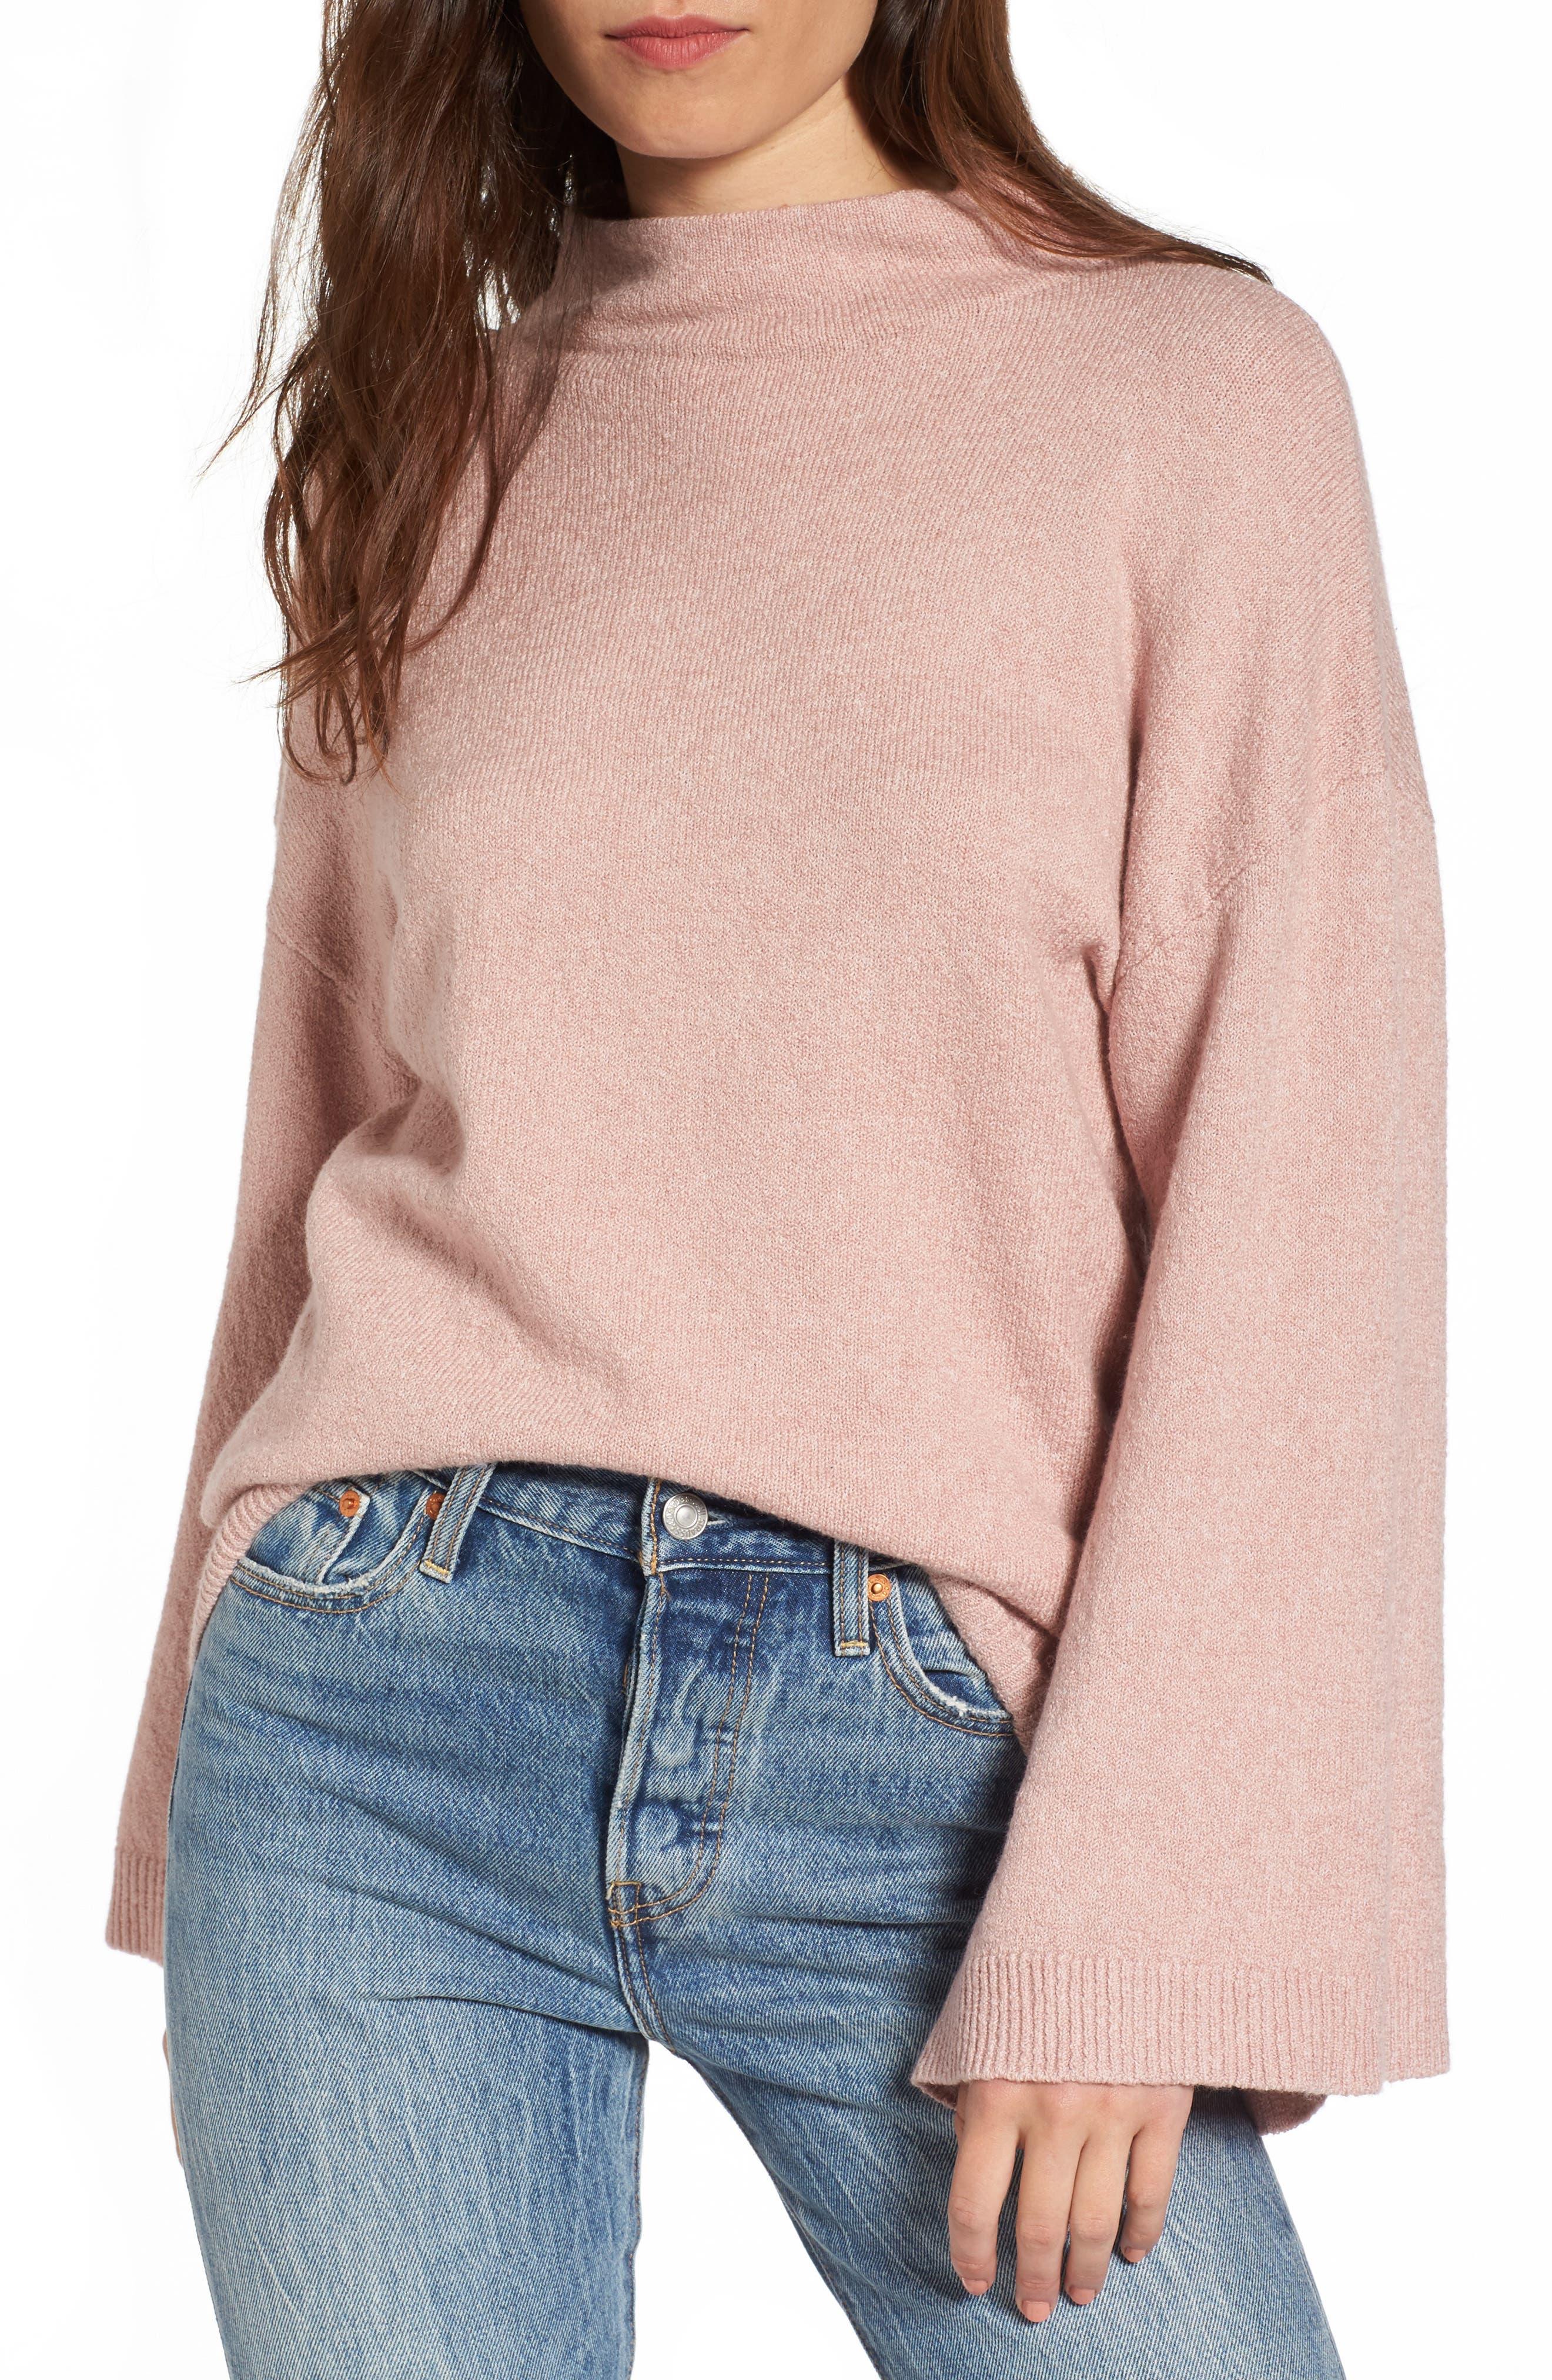 Alternate Image 1 Selected - BP. Dolman Sleeve Sweater